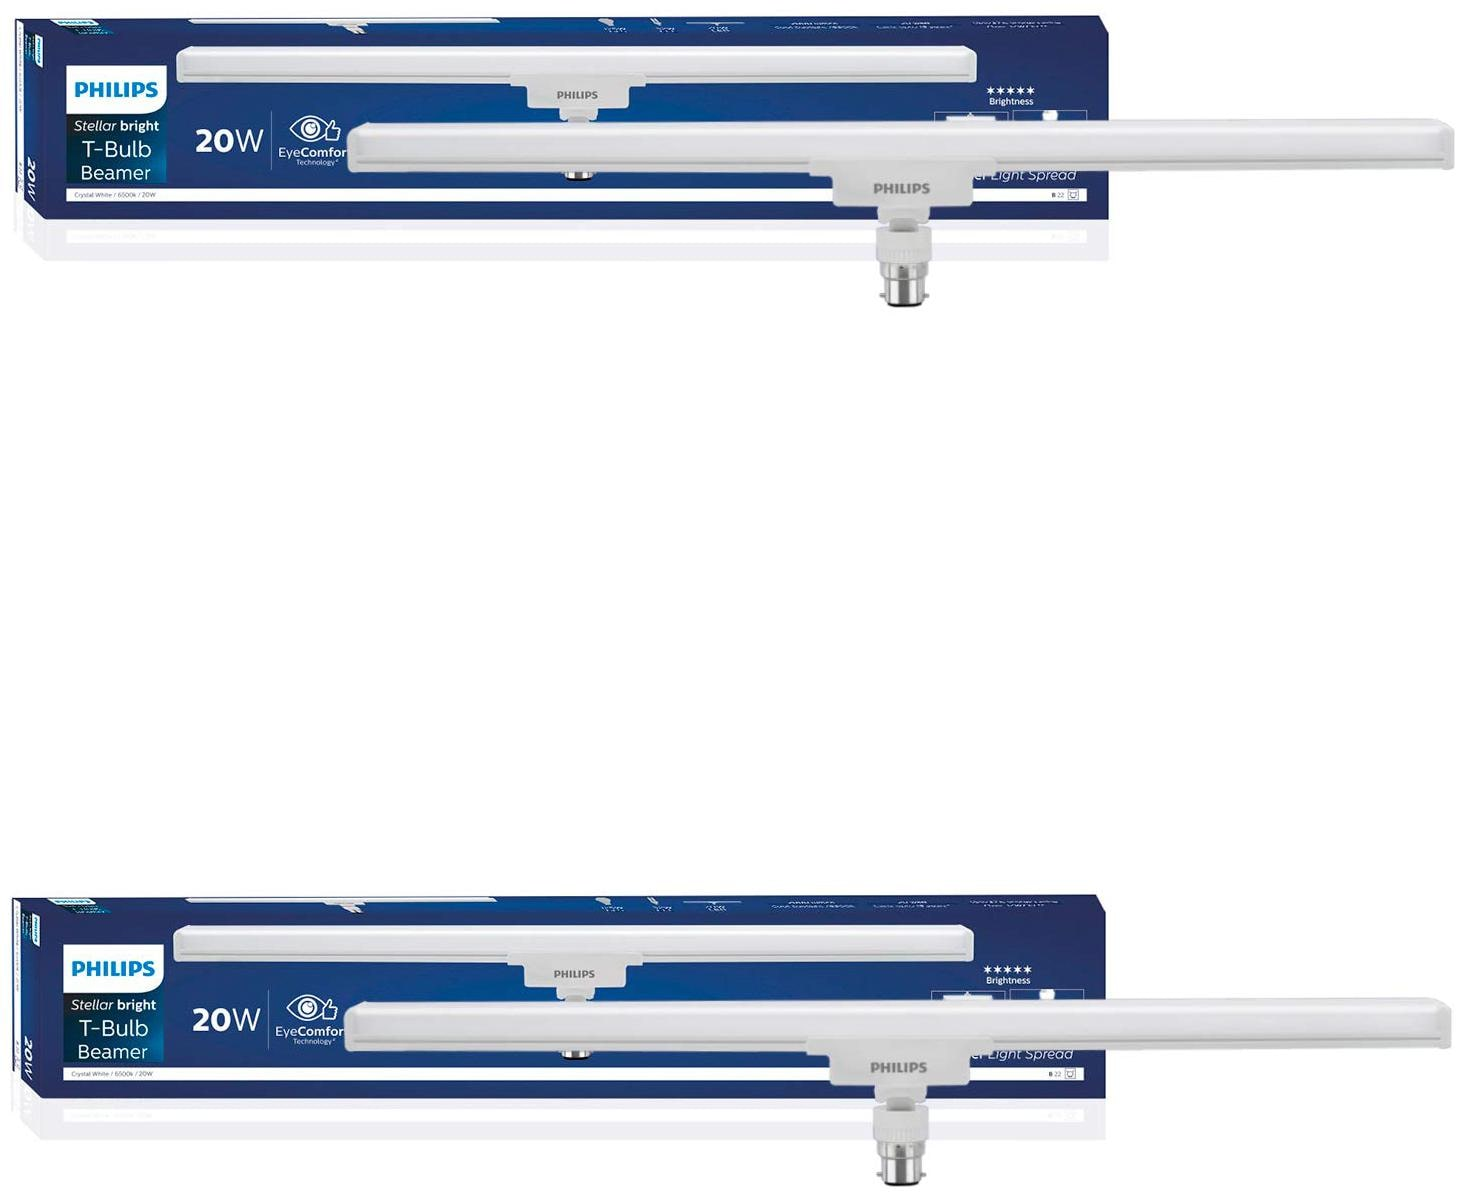 Philips Beamer 20W Tbulb 6500K Cool Day Light - Pack of 2